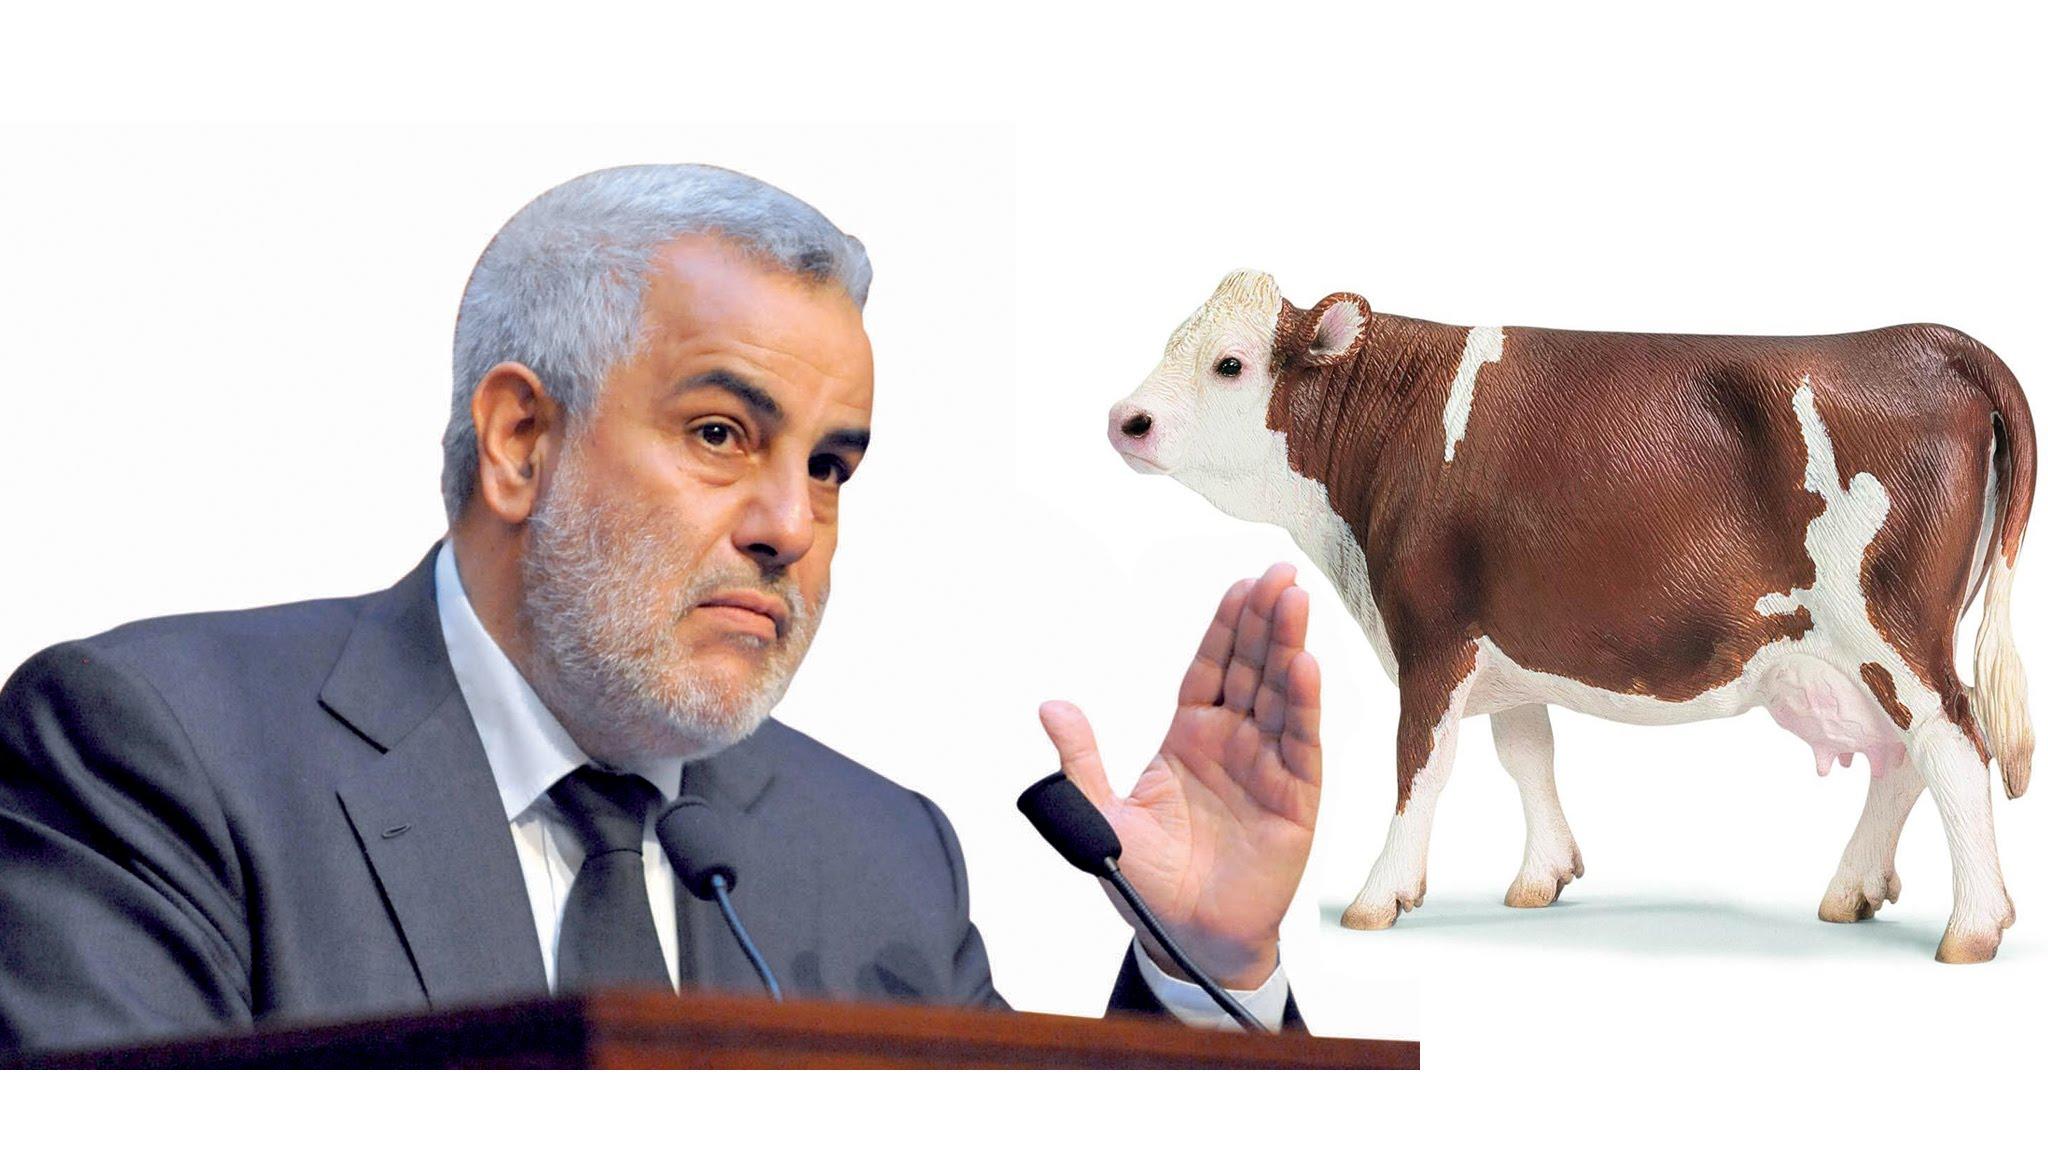 رئيس الحكومة ابن كيران يطلق مشروع بطاقة وطنية لكل بقرة مغربية